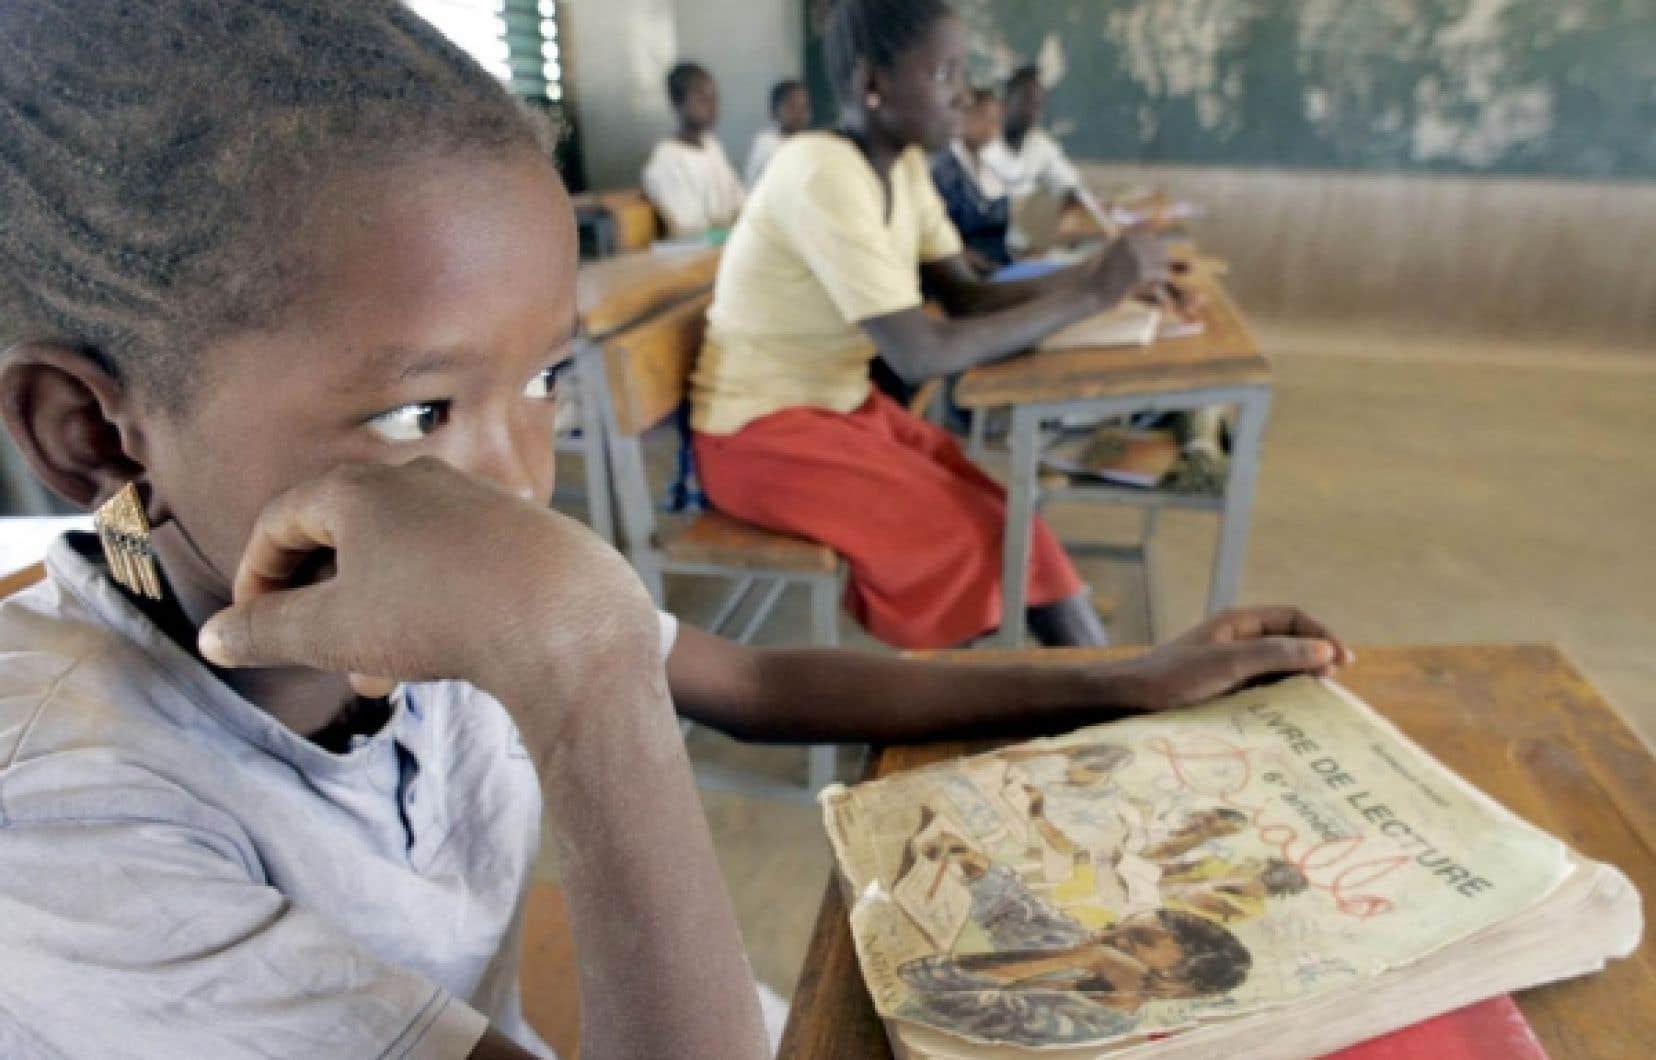 Cours de français dans une école primaire du Burkina Faso, pays africain où le nombre de personnes sachant lire et écrire le français a été multiplié par cinq en vingt-cinq ans, souligne l'importante étude de l'Organisation internationale de la Francophonie qui doit être publiée aujourd'hui.<br />